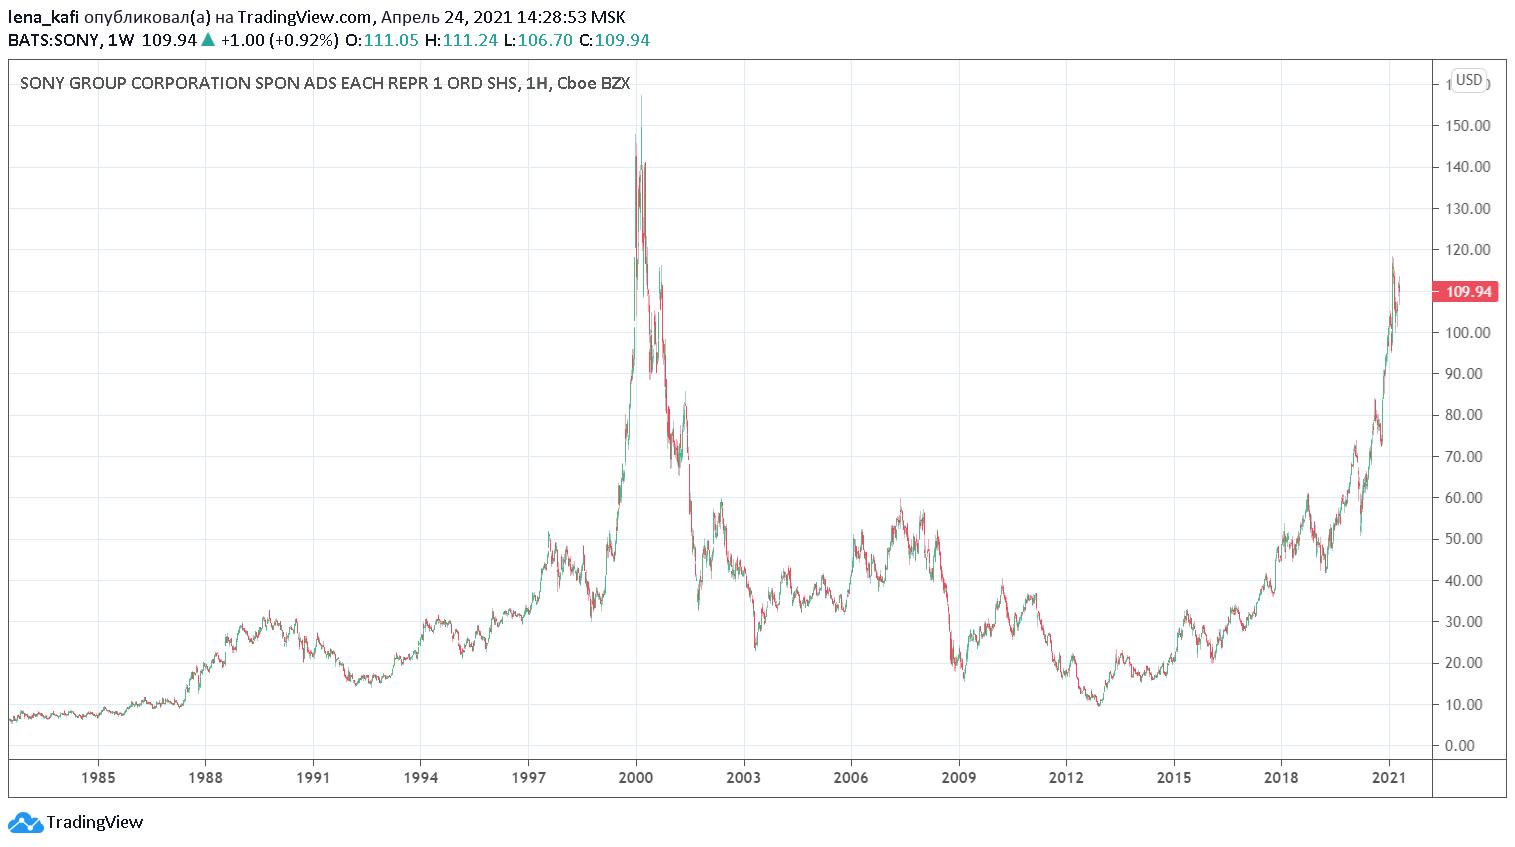 купить акции Sony